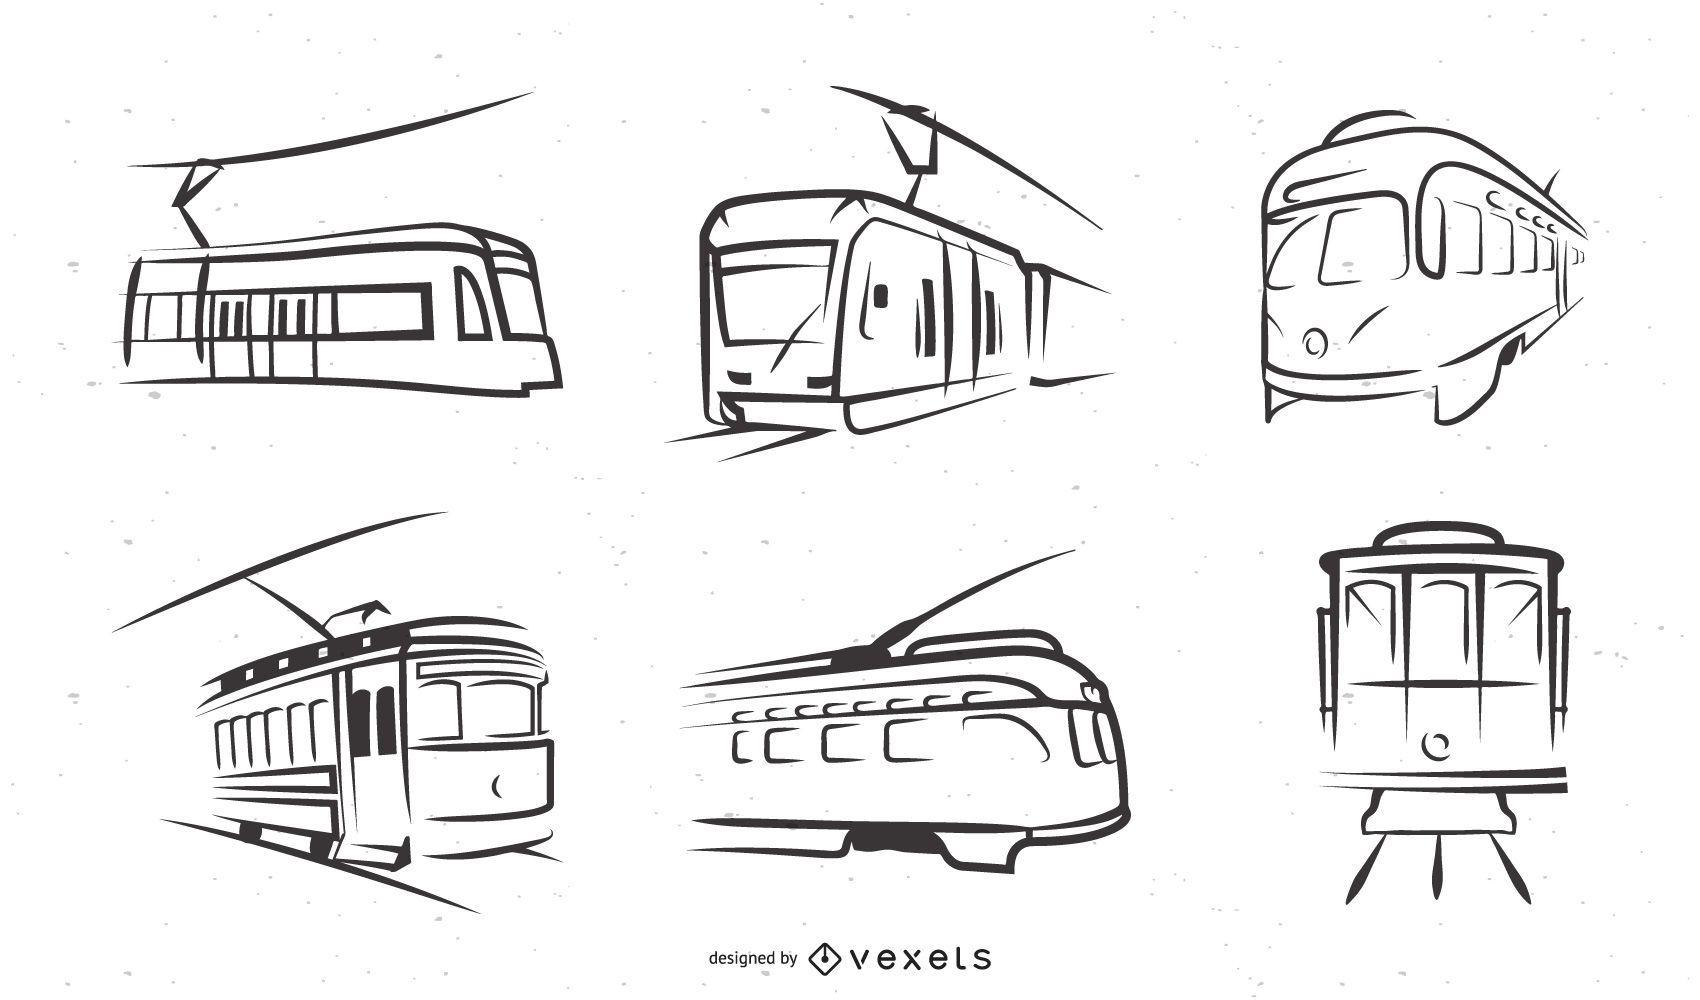 Trolley Car Line Art Illustration Set